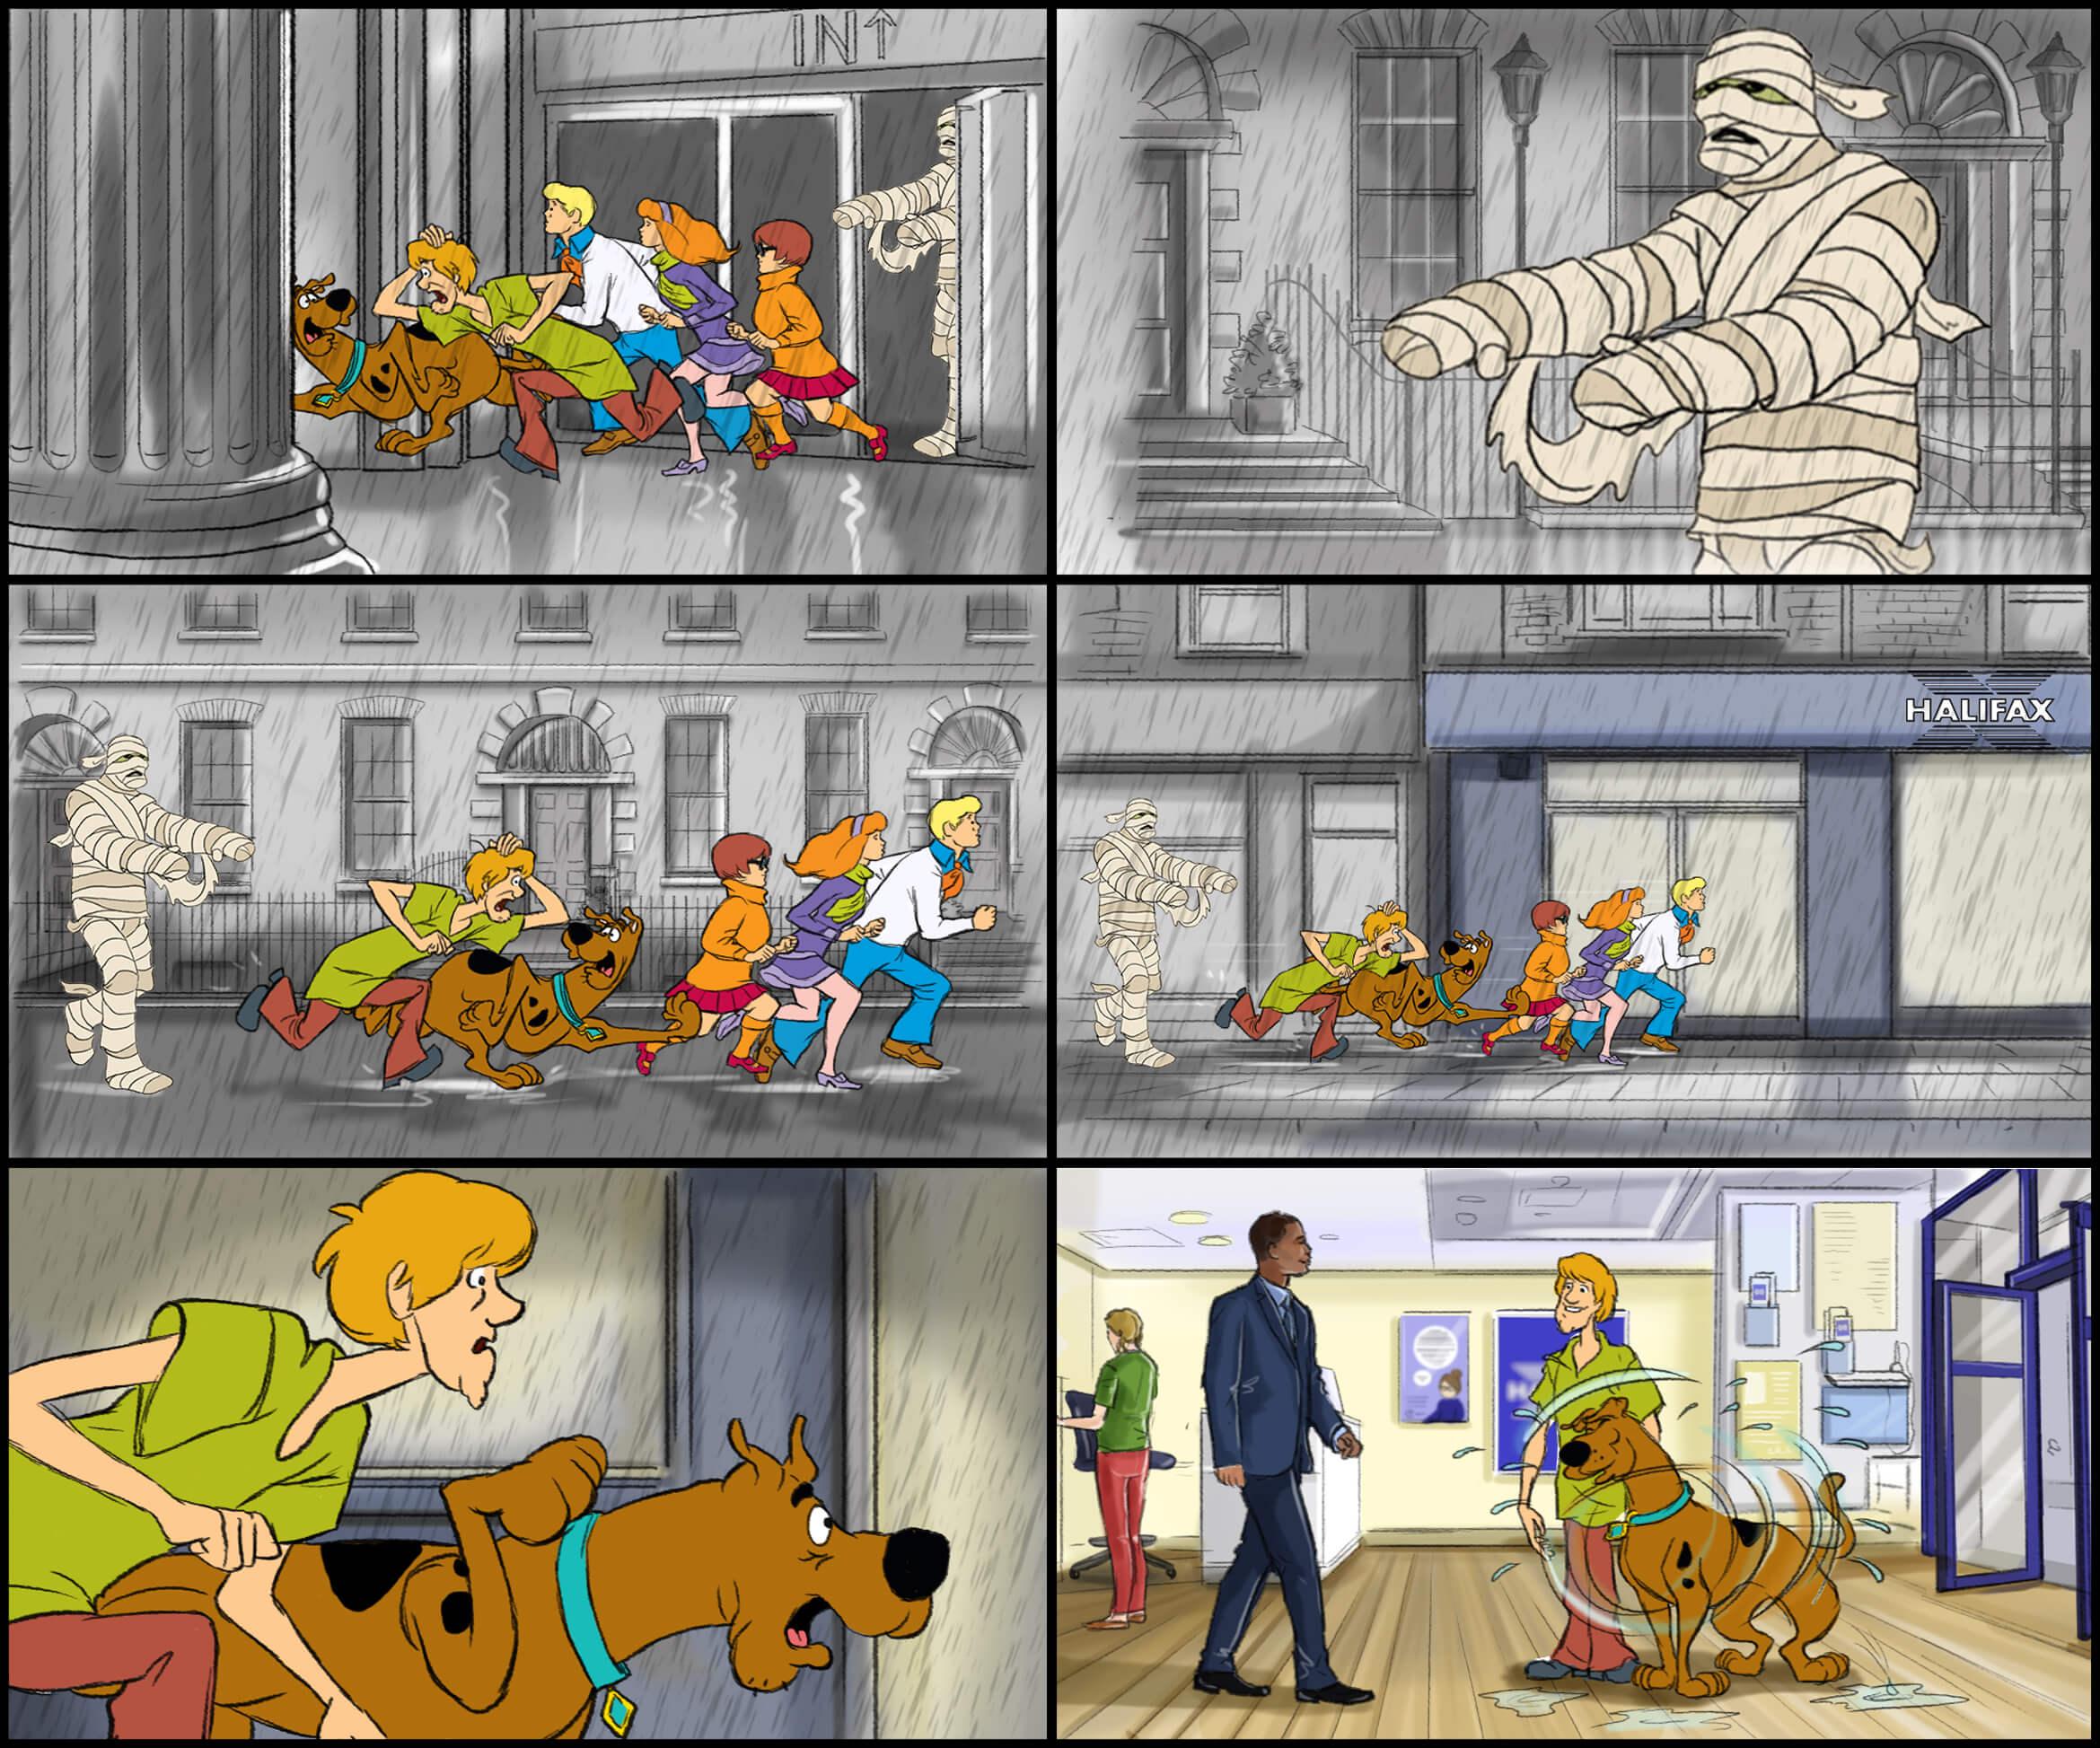 Halifax_Scooby_Doo_01.jpg